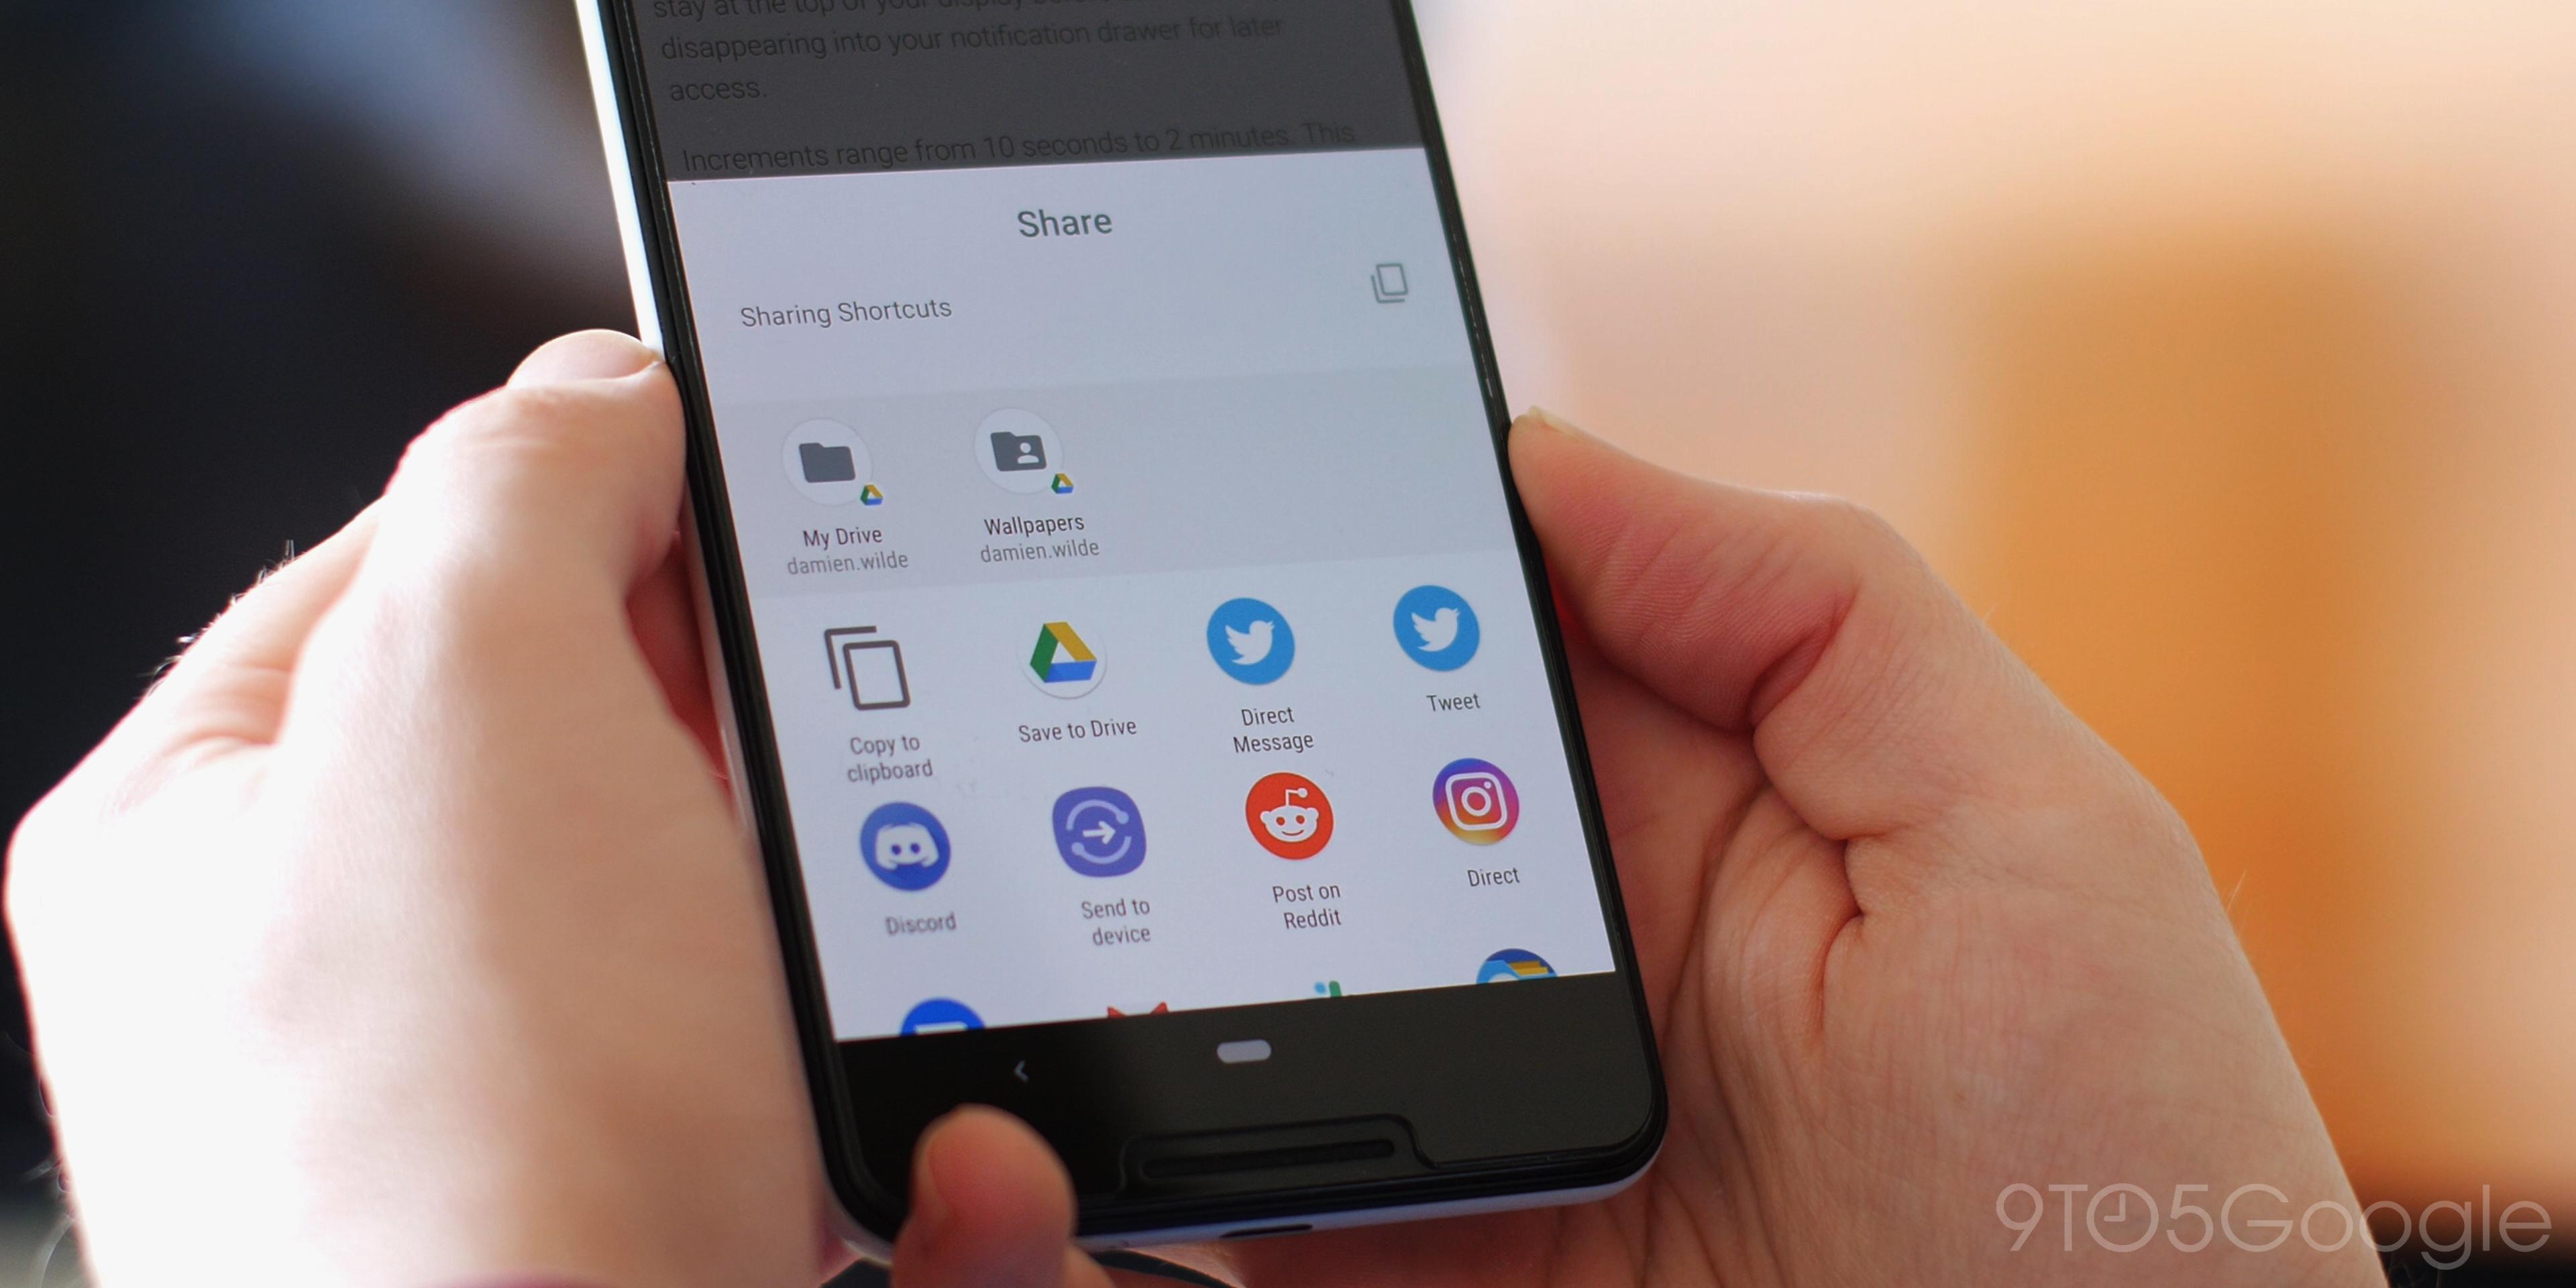 Sharing Shortcuts Android Q Beta 1